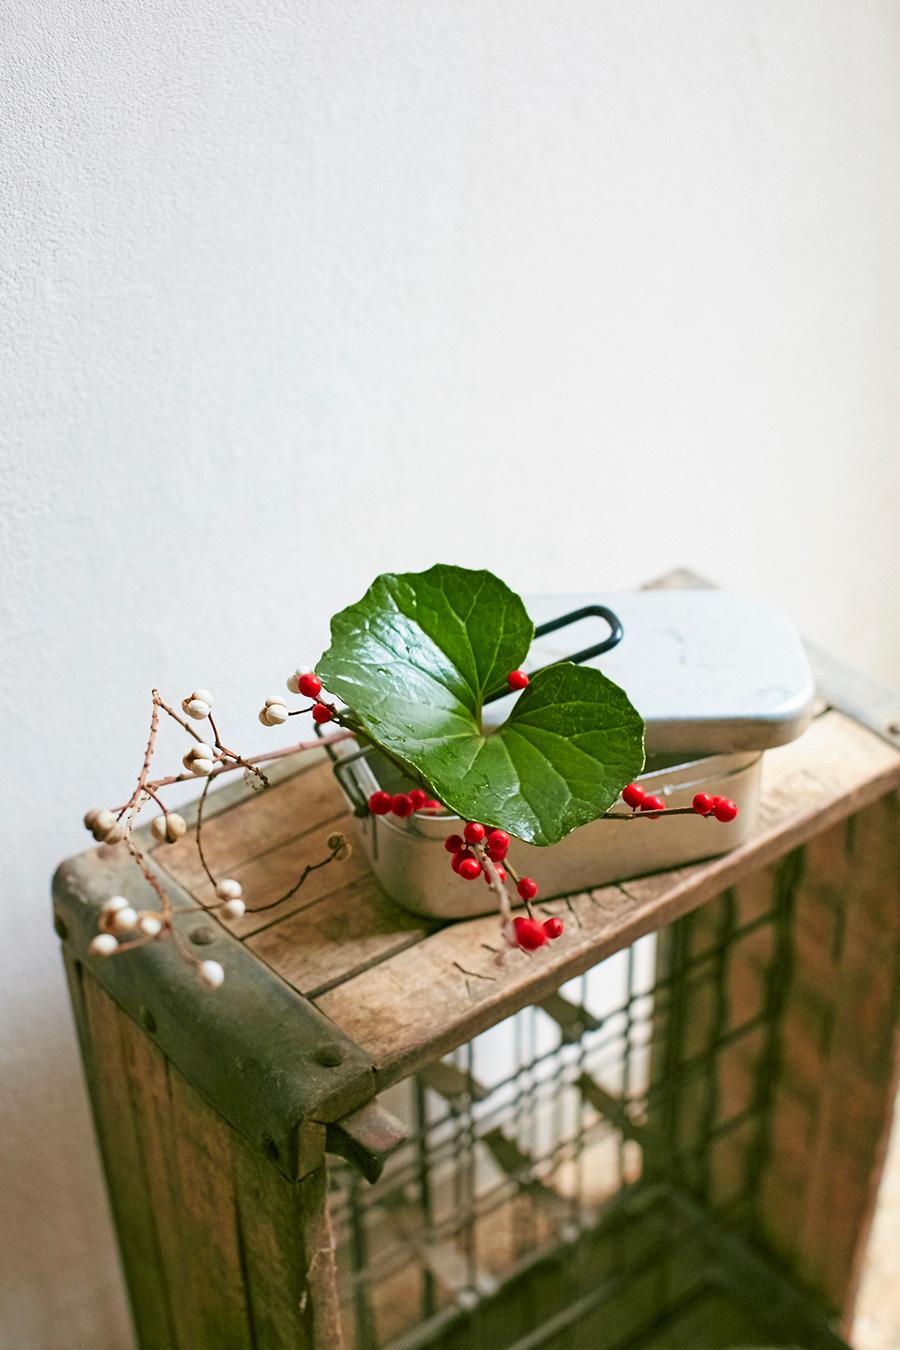 キャンプで使う飯盒に、赤のウメモドキ、白のナンキンハゼ、緑のツワブキの葉を合わせた。「木の実だけを使うときは、葉を花に見立てて飾ります。脇役に回ることが多かった葉が主役になることで、また違った見え方を楽しめます」